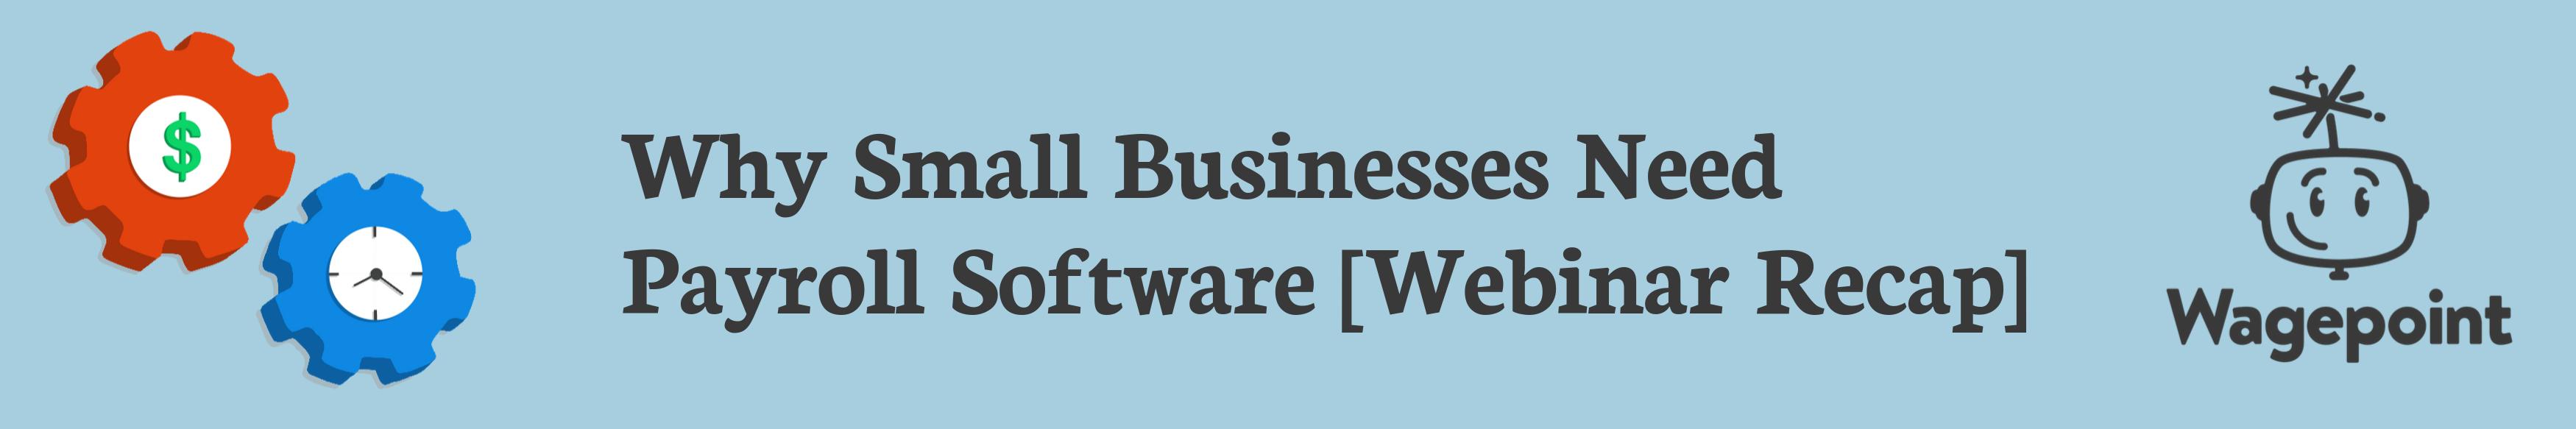 wagepoint payroll software webinar banner